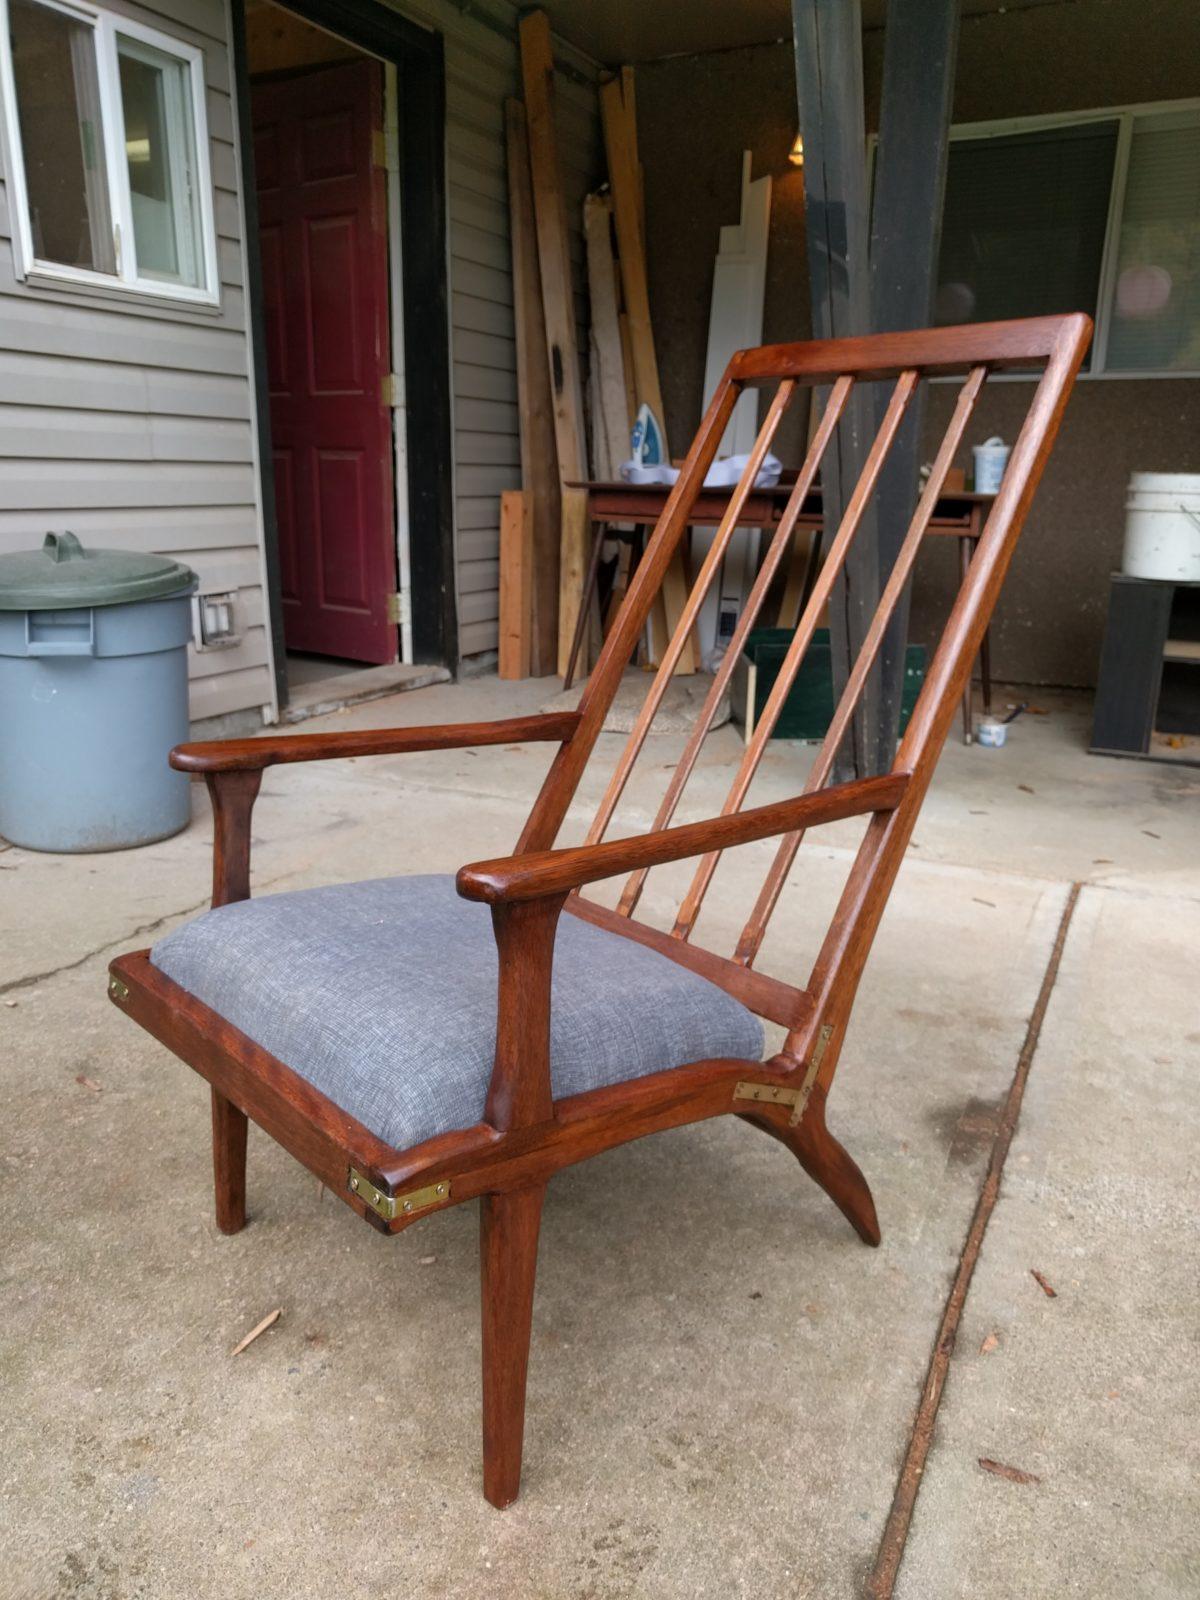 Incredible Mid Century Modern Lounge Chair Finewoodworking Inzonedesignstudio Interior Chair Design Inzonedesignstudiocom